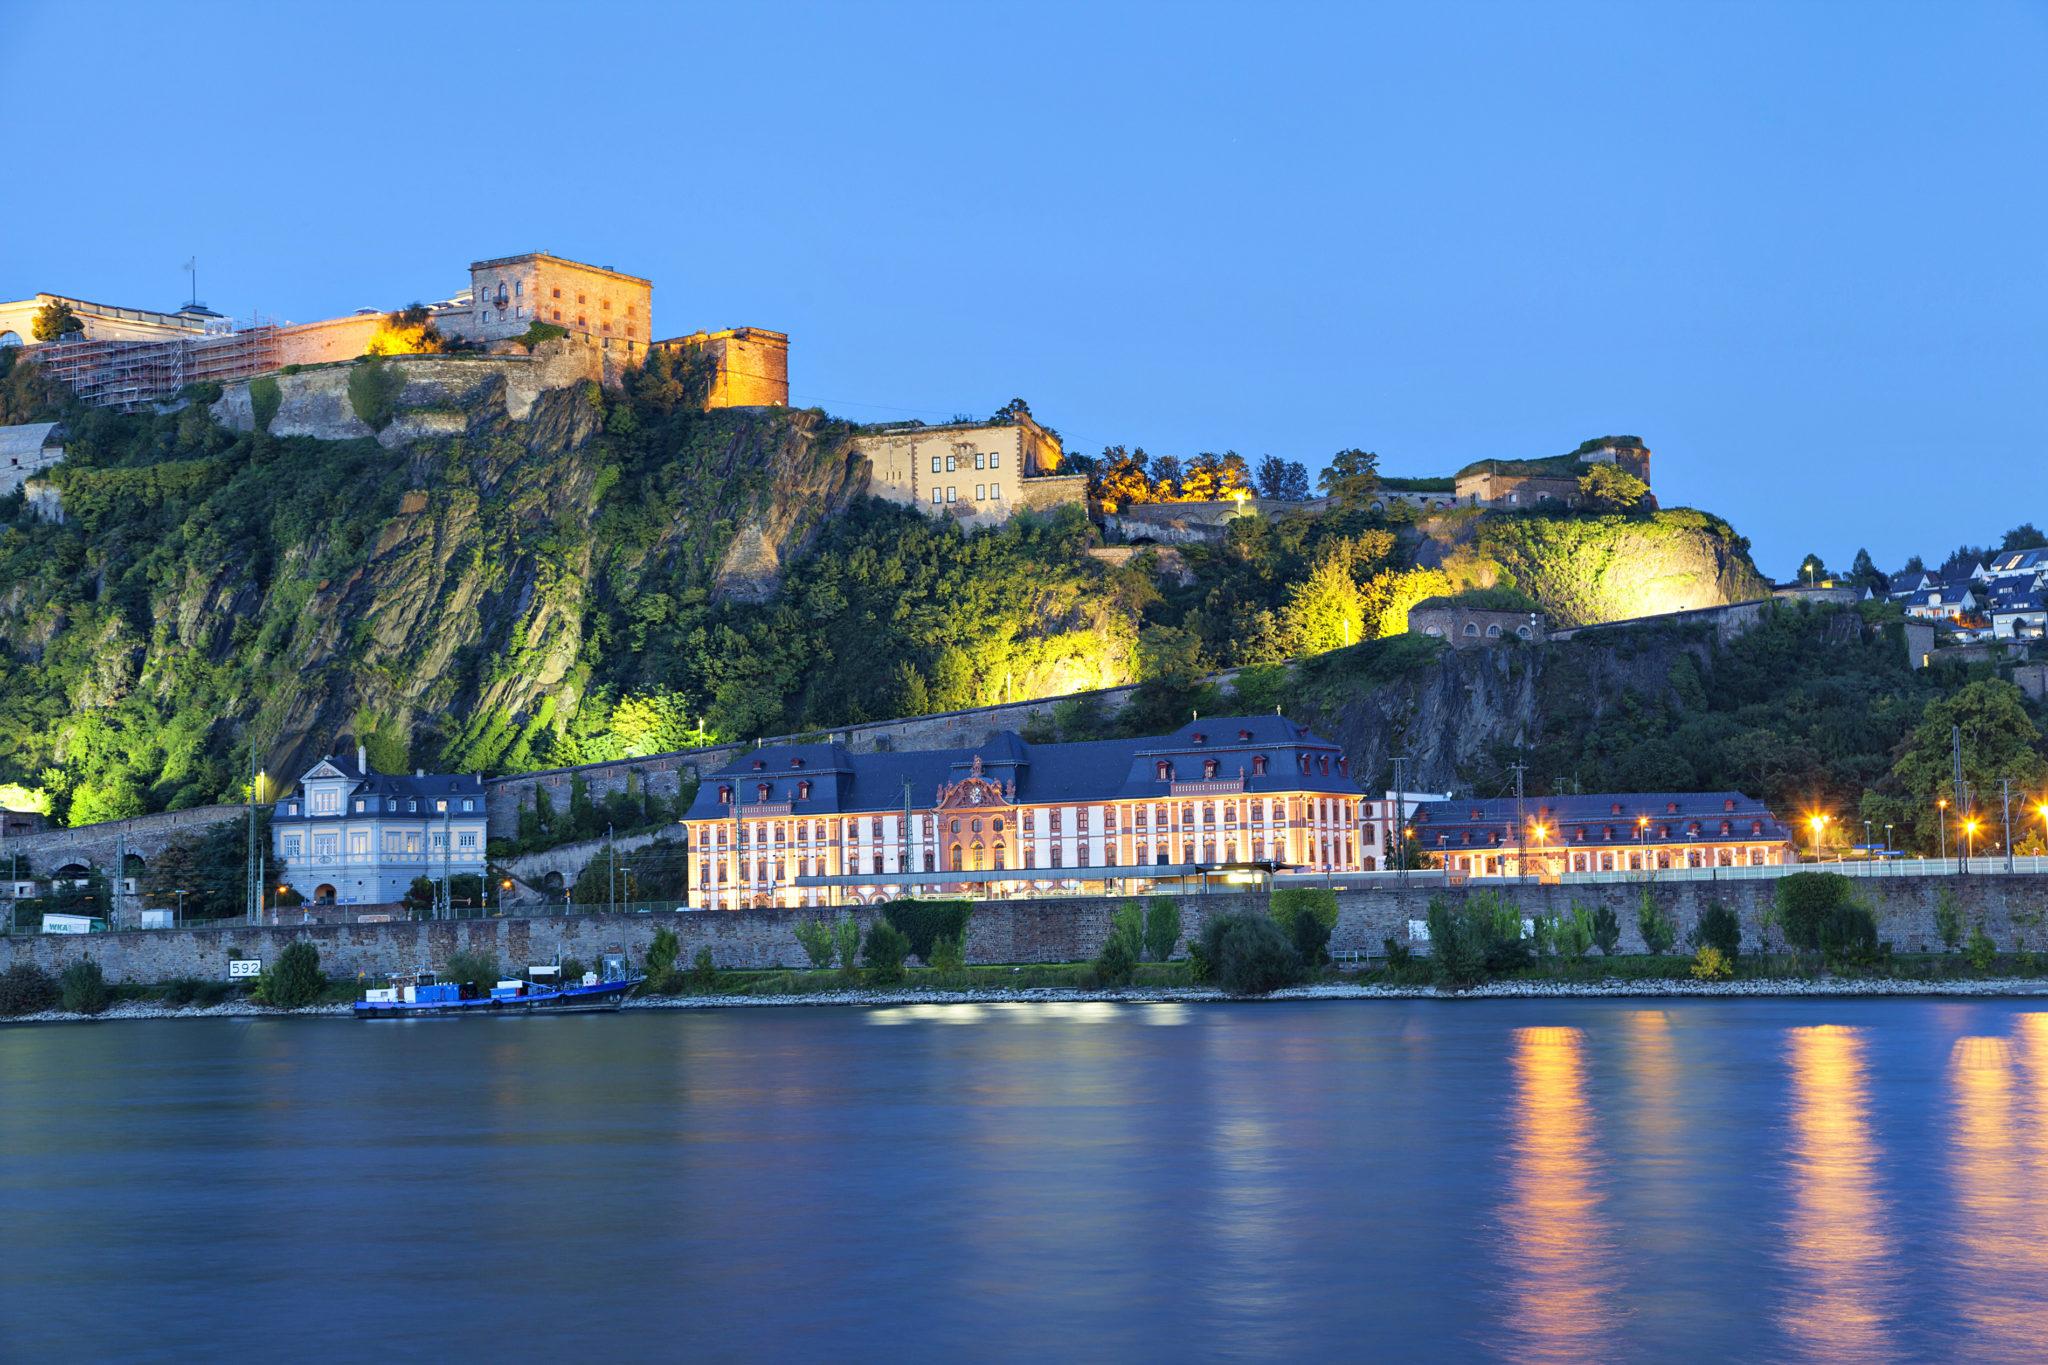 Die Festung Ehrenbreitstein in Koblenz